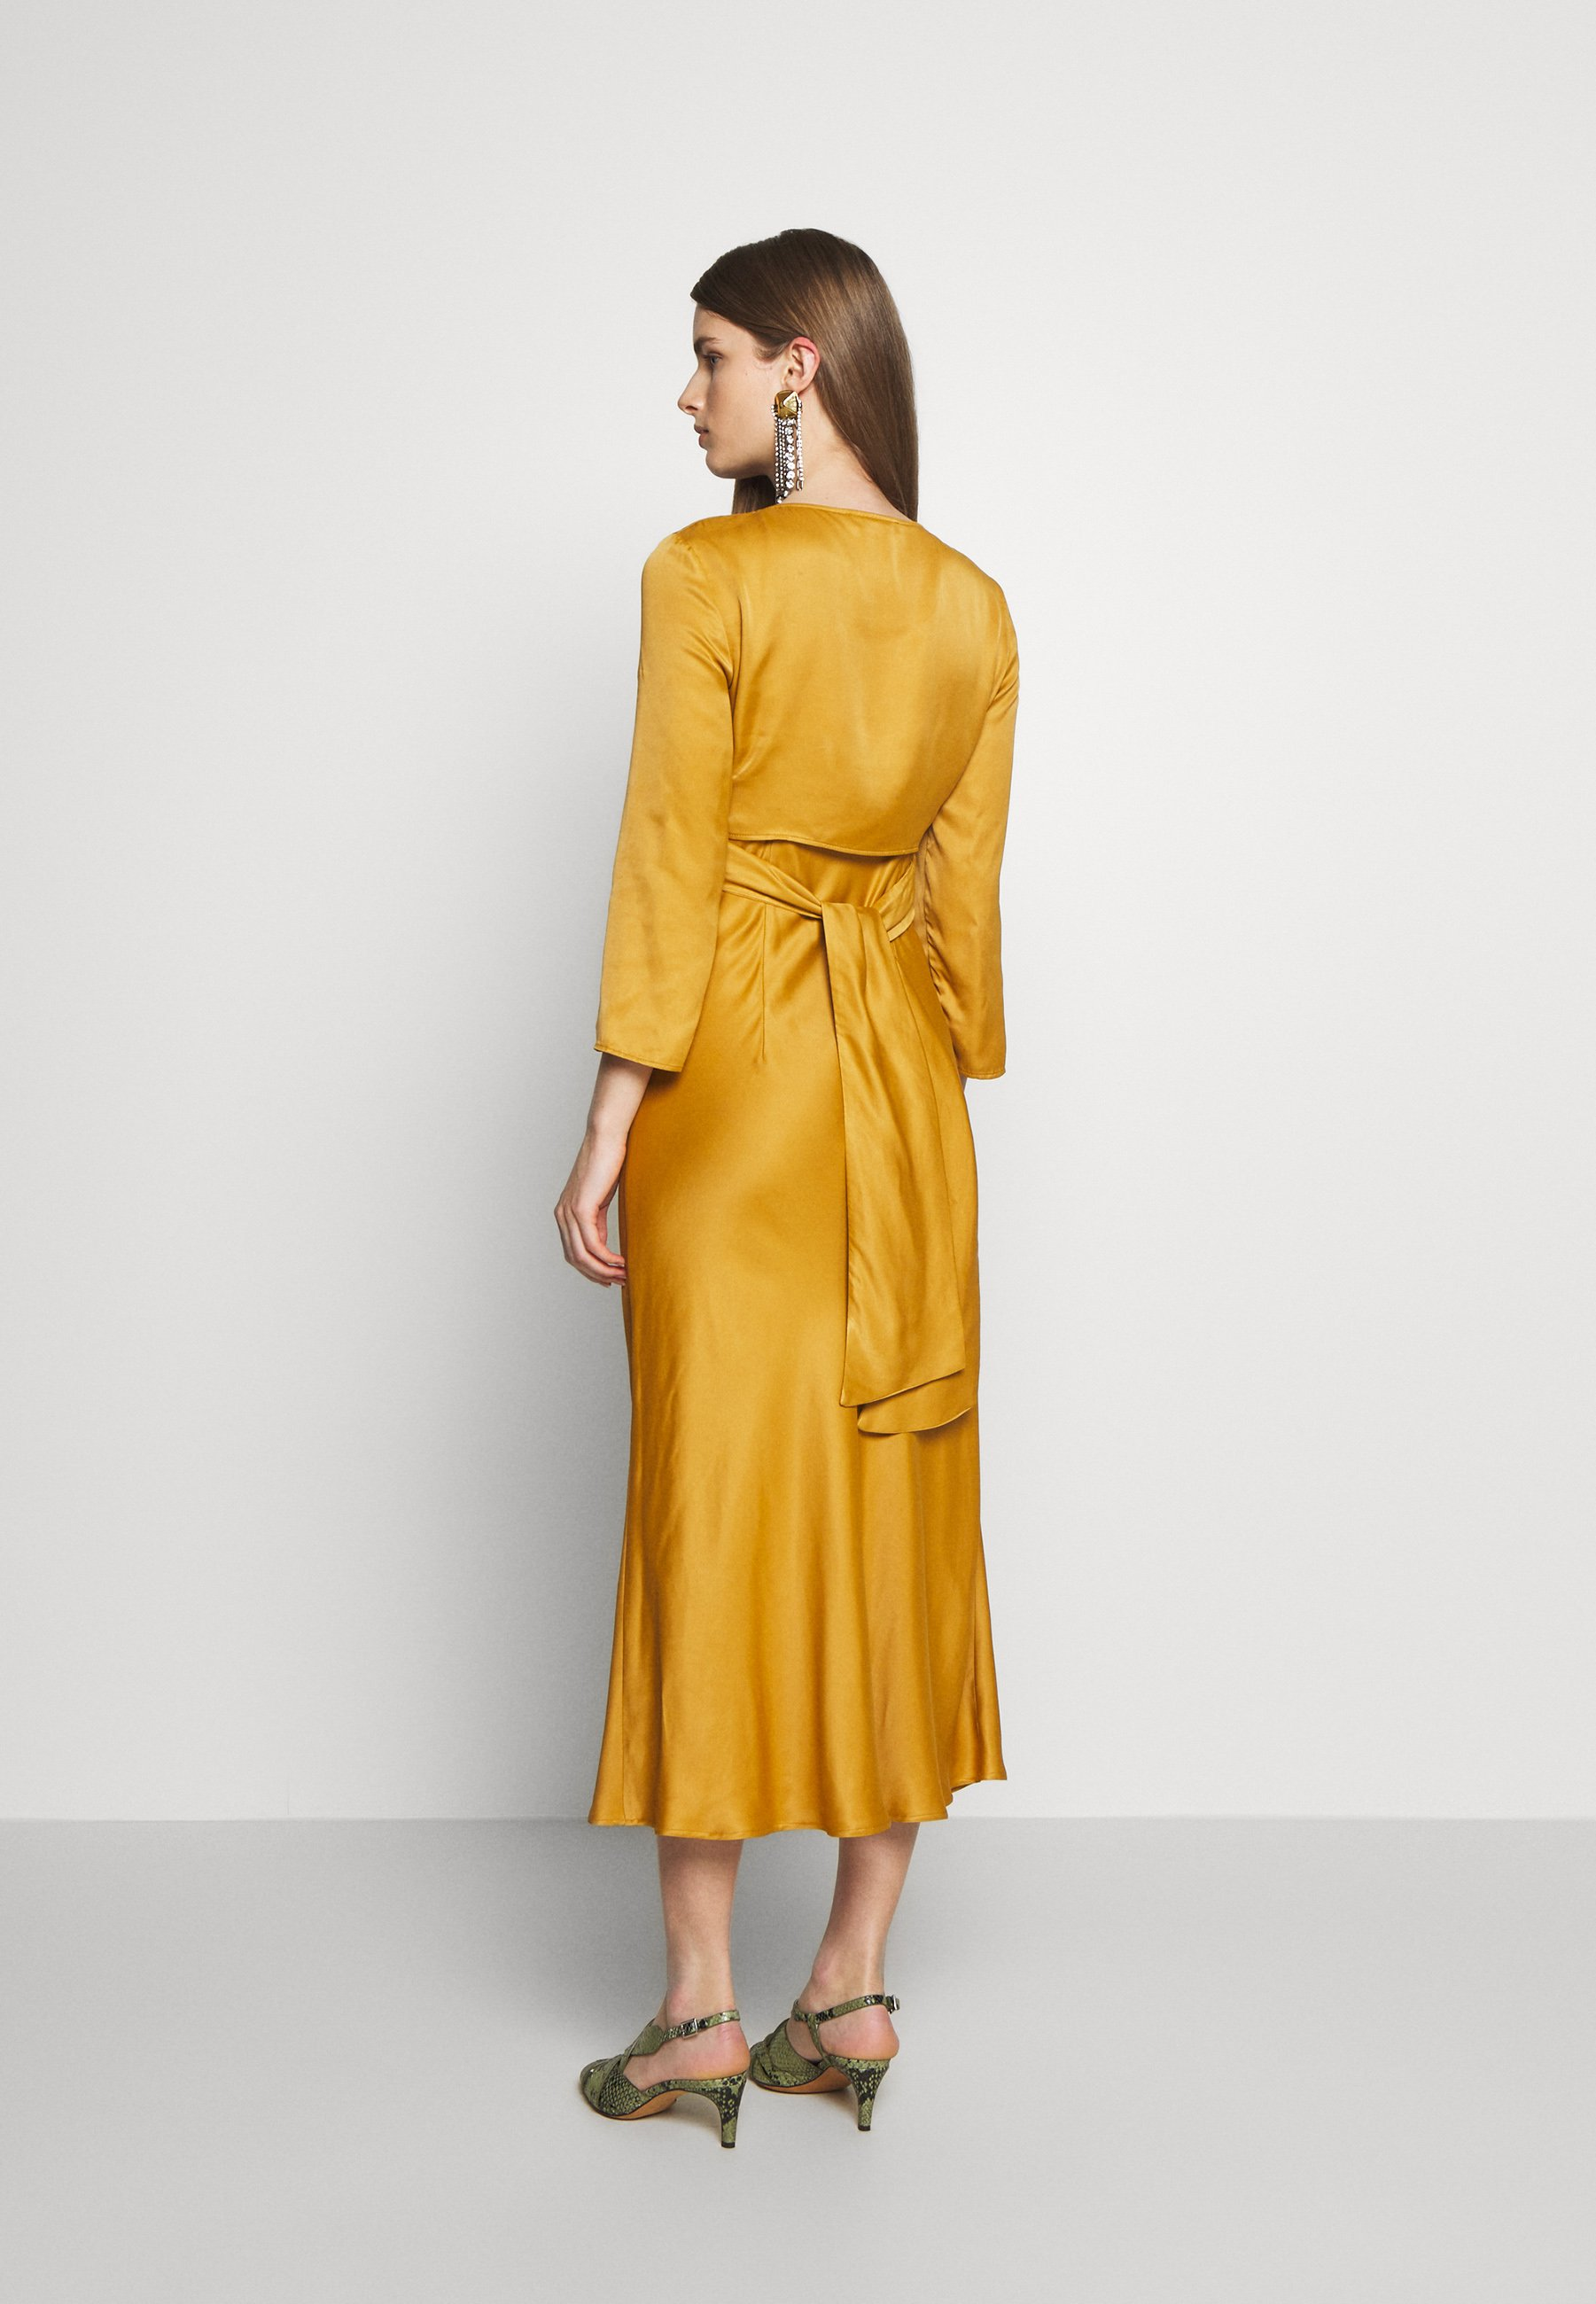 Duża obniżka Duża obniżka MAX&Co. PENSOSO - Sukienka koktajlowa - mustard | Odzież damska 2020 JbuQH